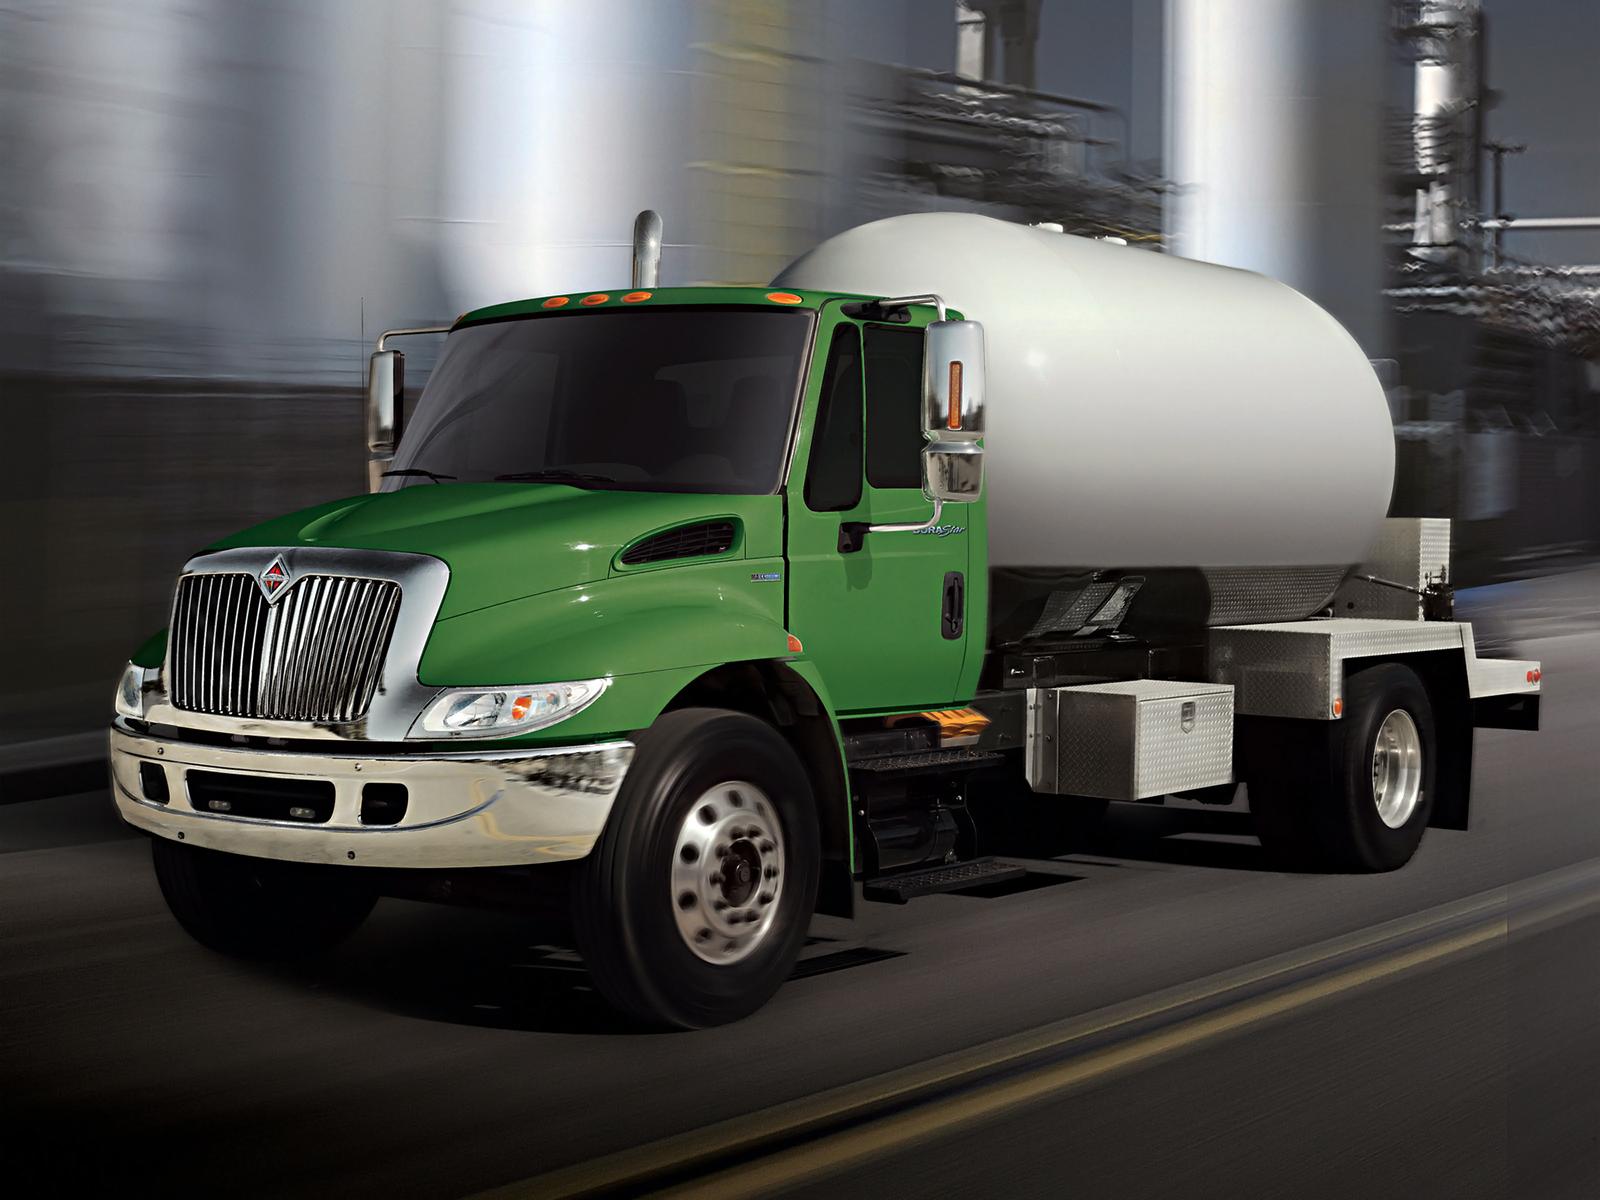 International 4300 Tractor : International durastar tanker semi tractor